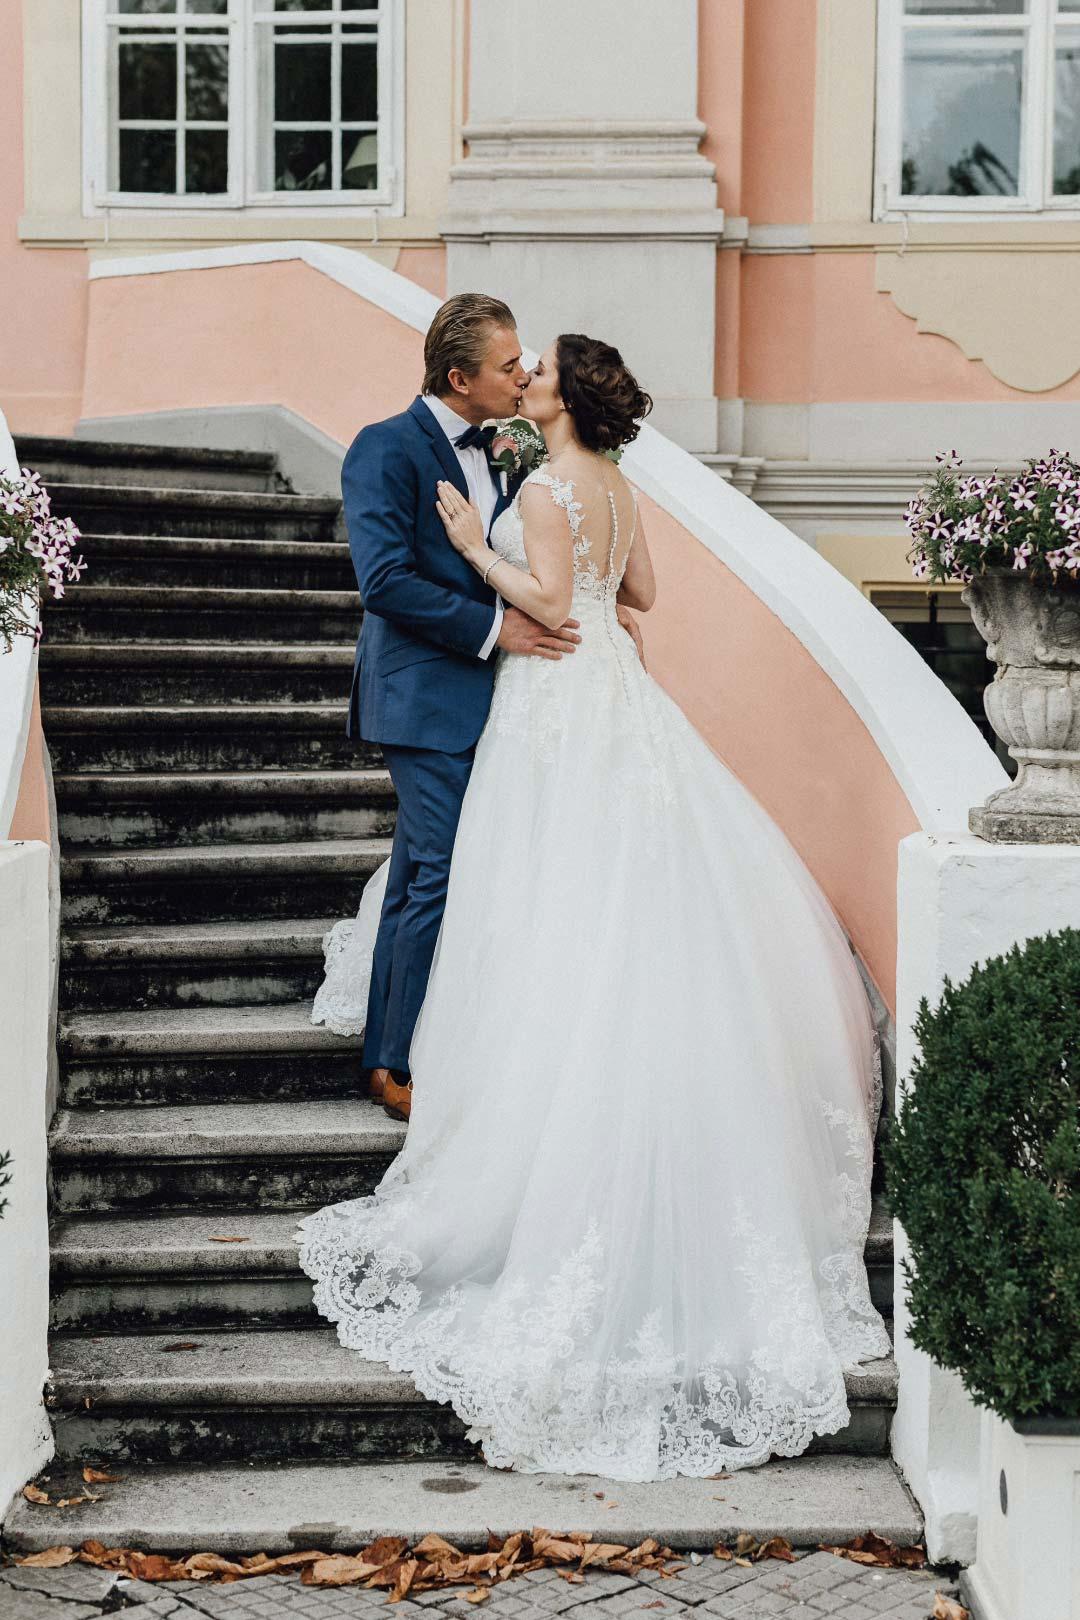 Braut und Bräutigam beim Paarshooting an der Location der Hochzeitsfeier